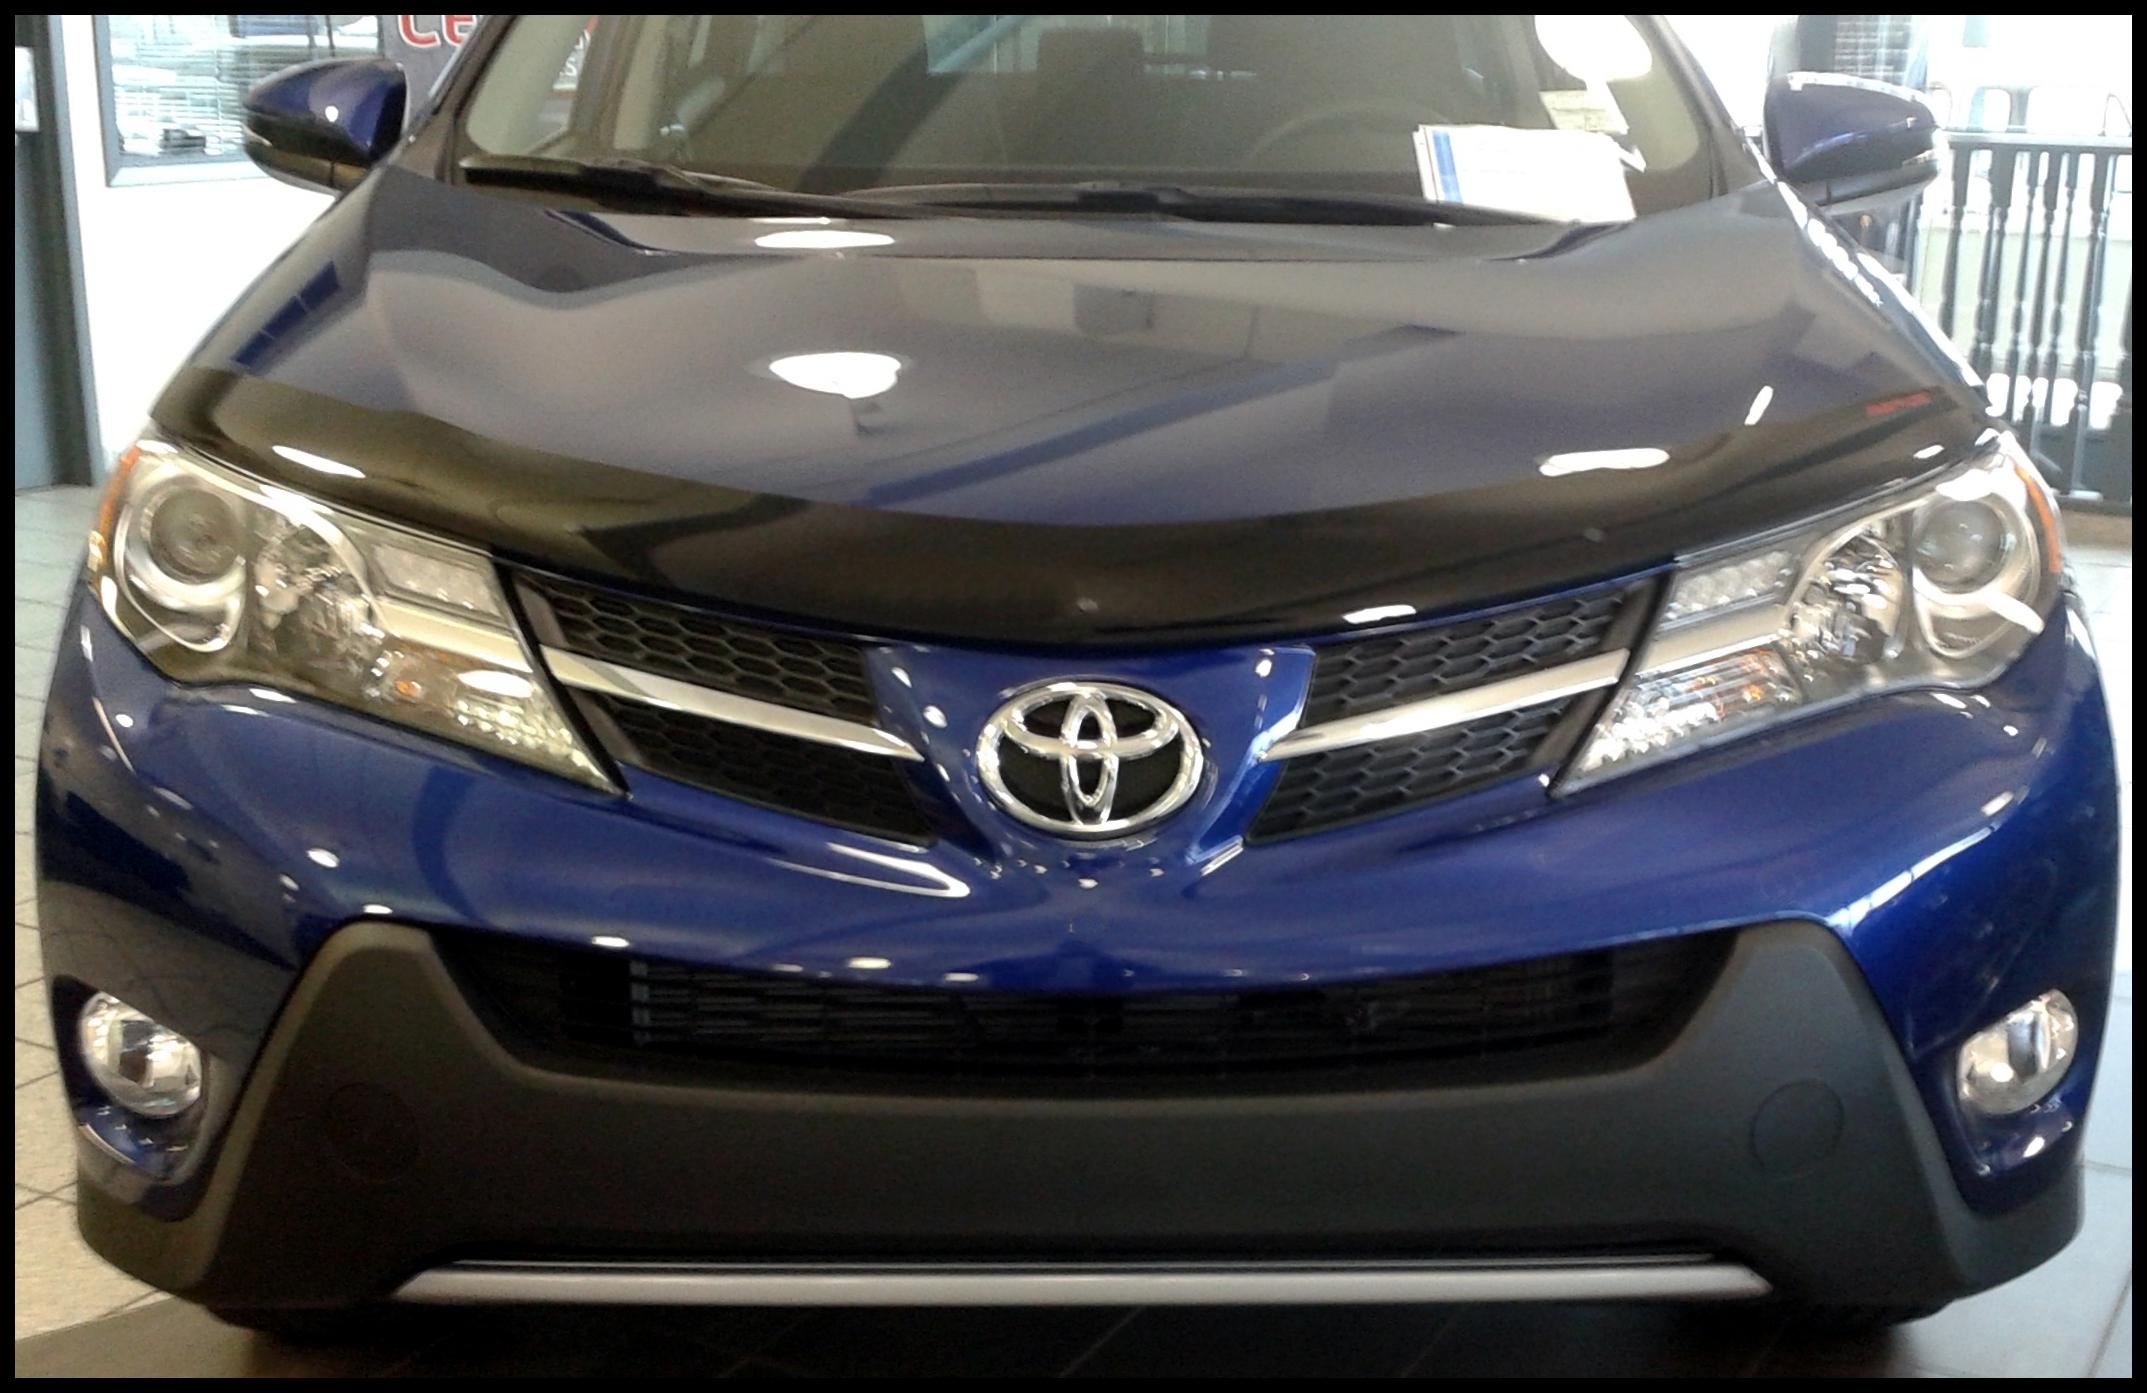 Toyota Rav4 2013 2018 RapideFit Hood Protector